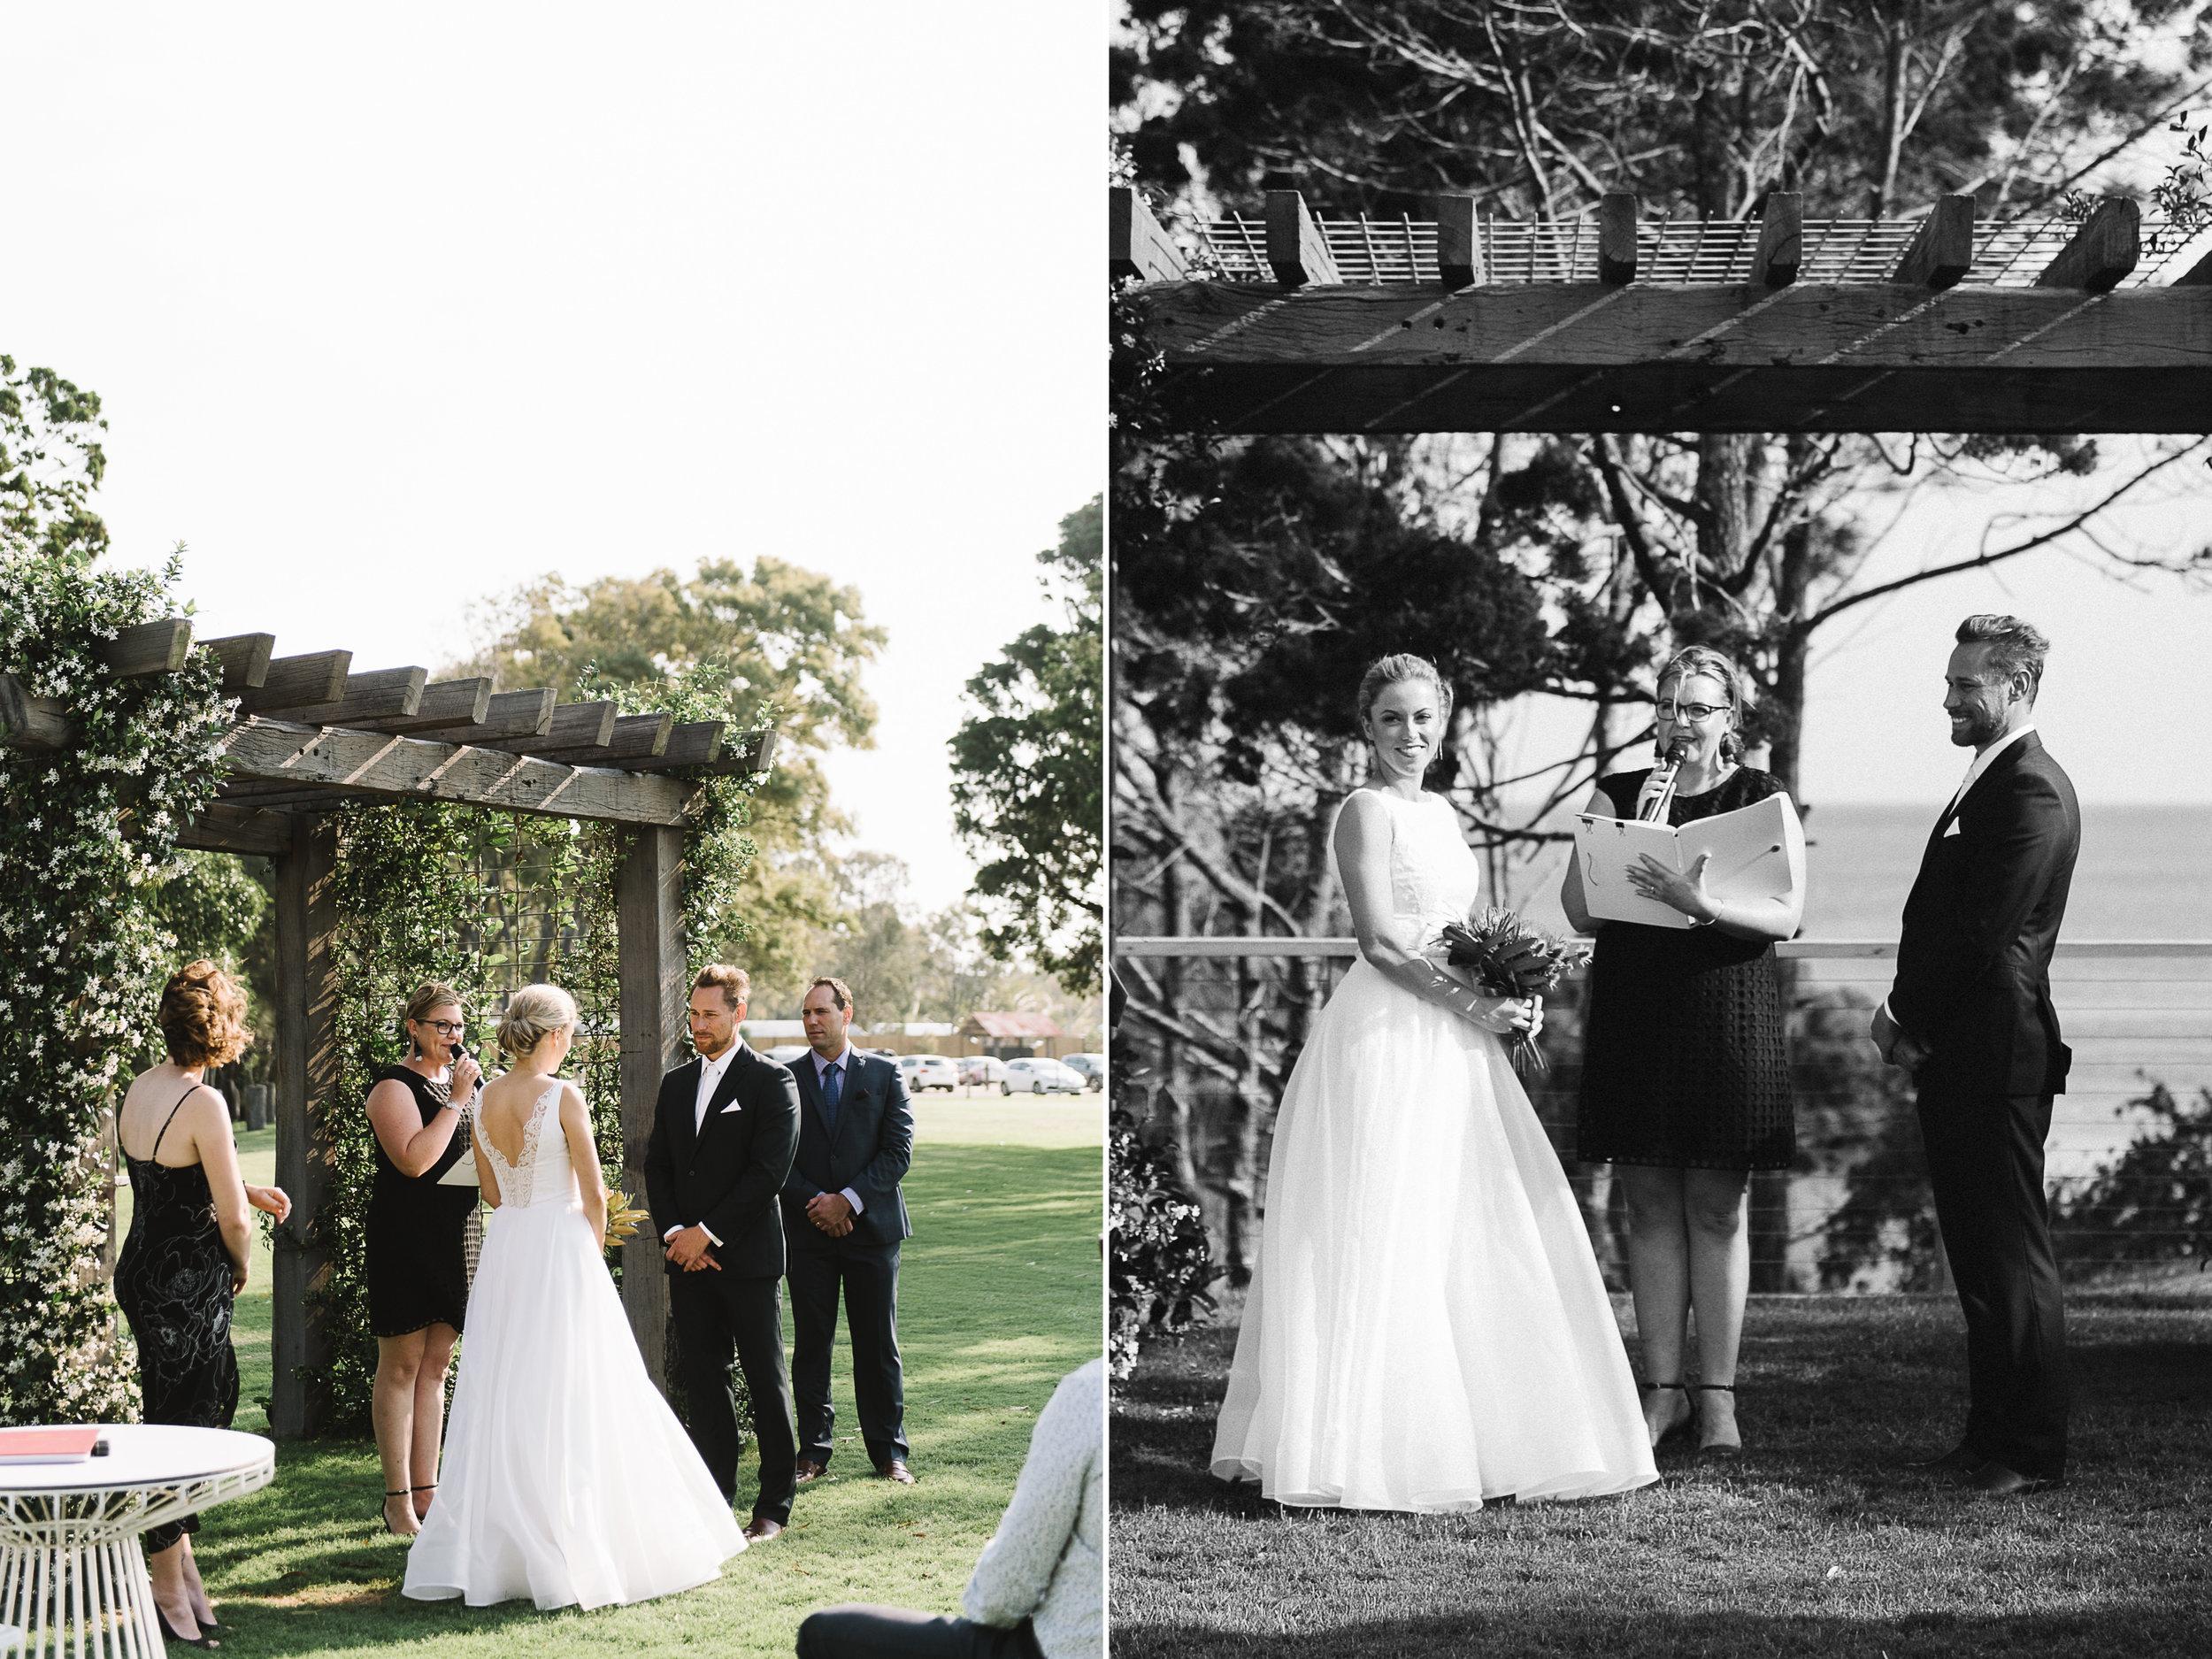 wedding-photography-brisbane-sandstone-point-hotel-bribie-island-14.jpg